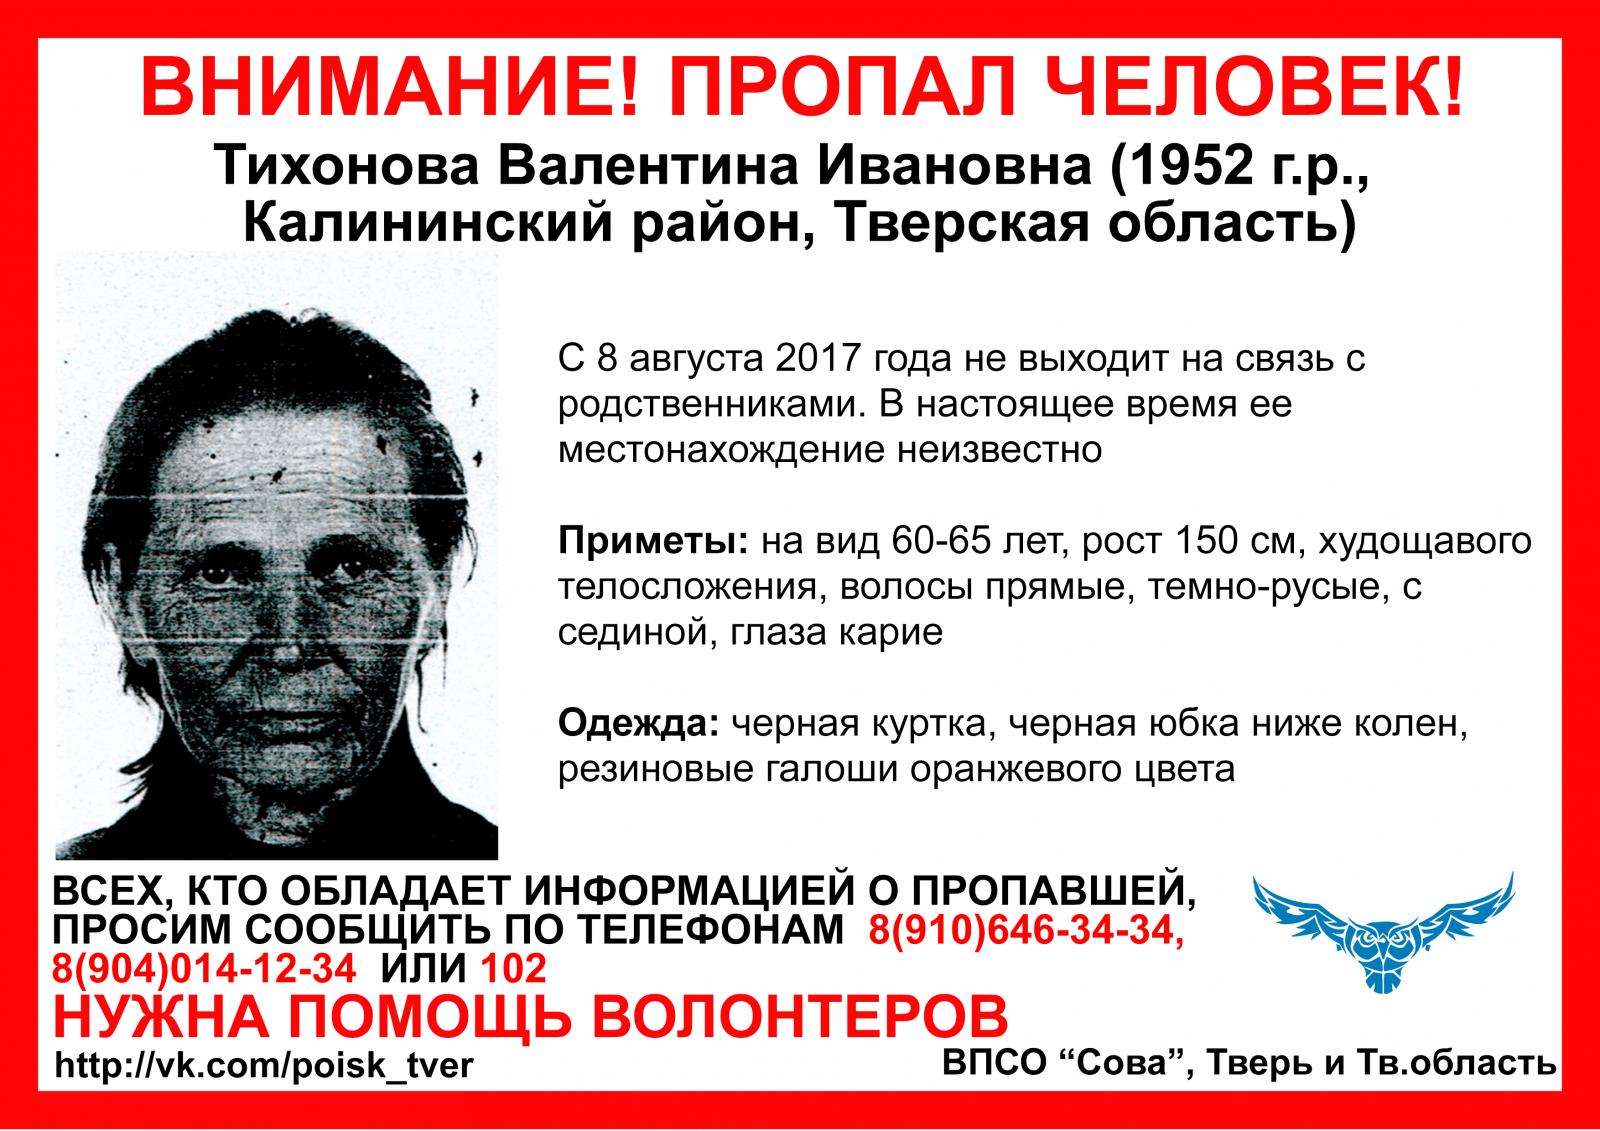 Пропала Тихонова Валентина Ивановна (1952 г.р.)